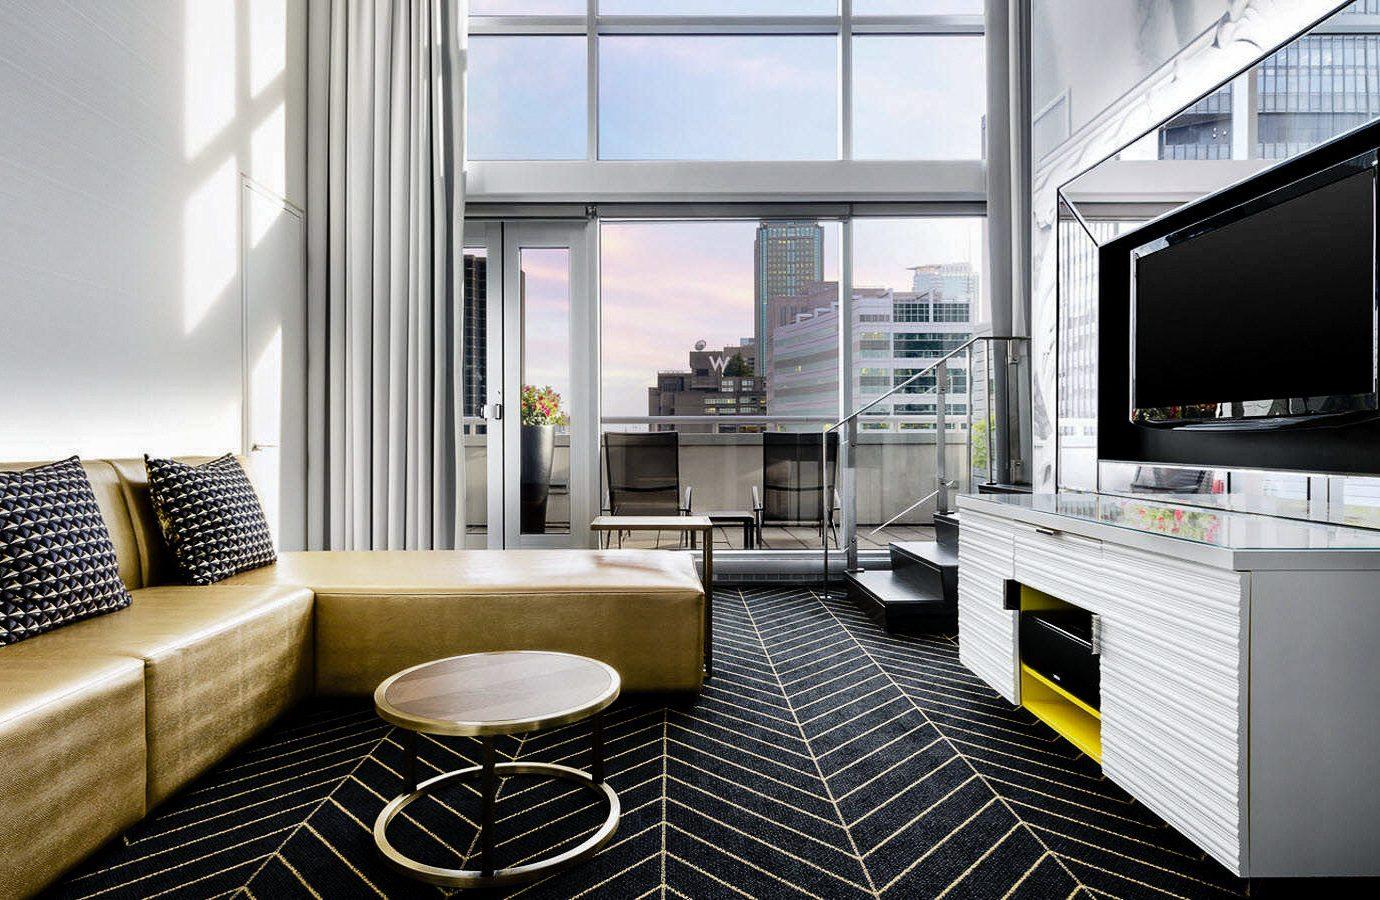 Canada Hotels Montreal Trip Ideas indoor window Living Architecture interior design room living room apartment loft interior designer condominium furniture